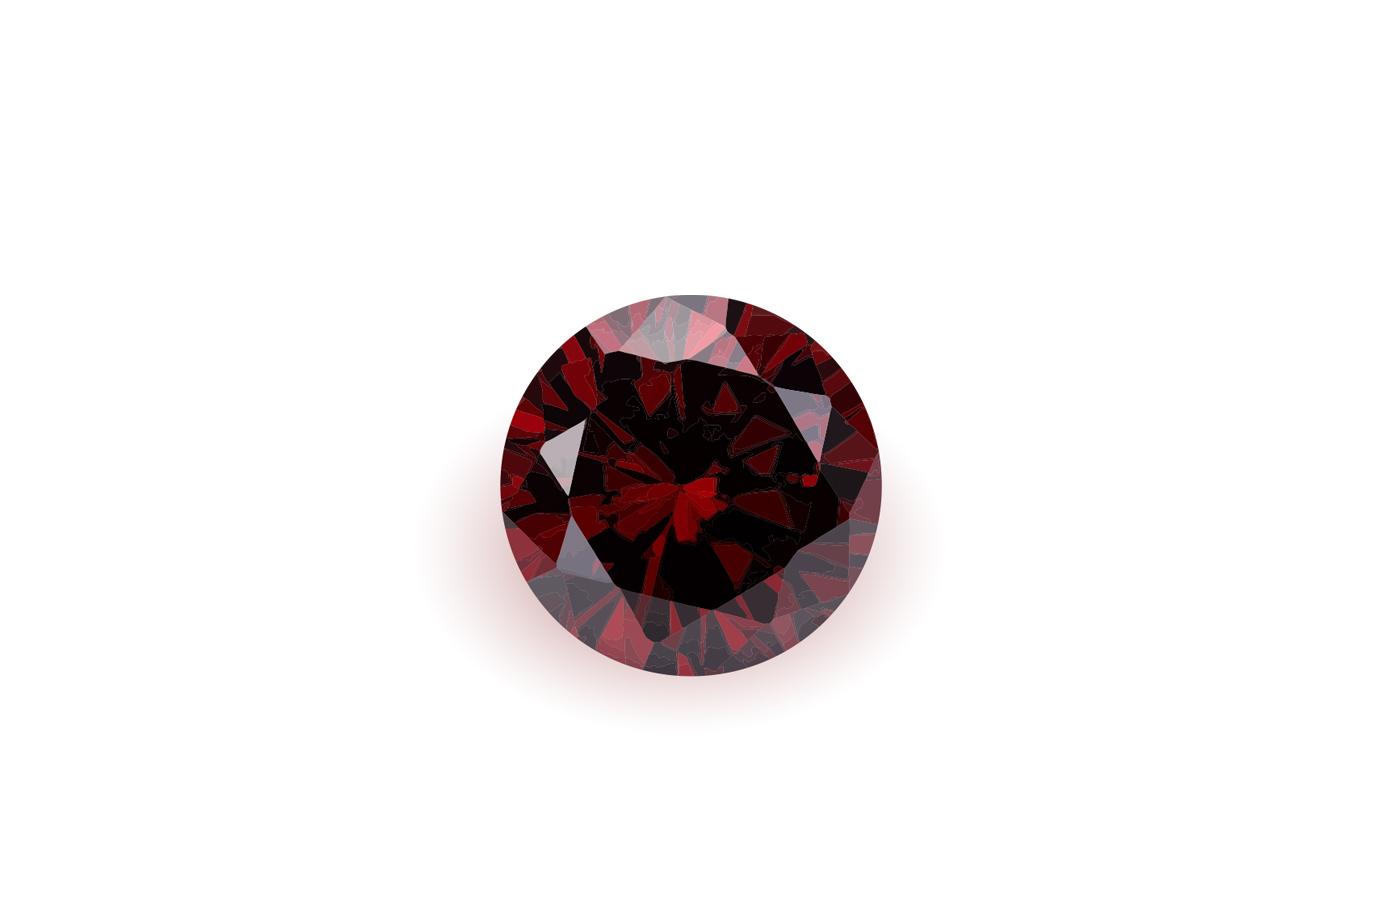 高い希少性と赤い輝きが魅惑的な7月の誕生石ルビー